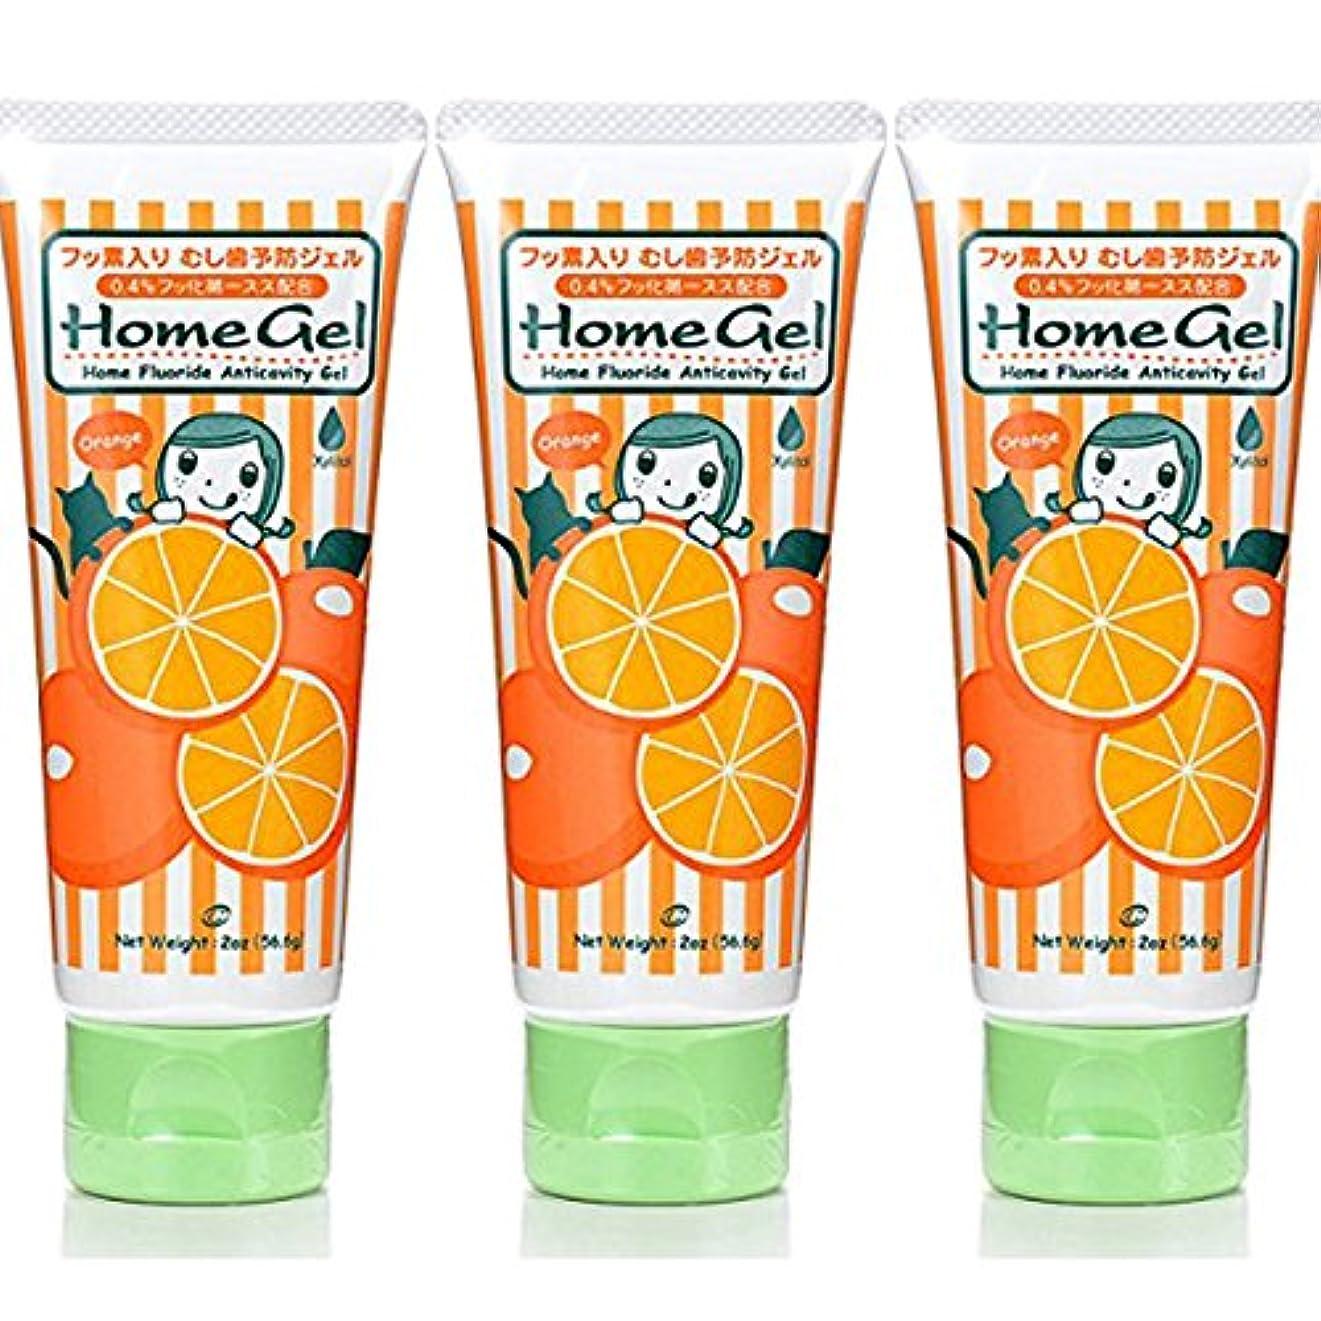 支払う限られたクライマックス塗って寝るだけ オーラルケア ホームジェル (フッ素+キシリトール) 56.6g オレンジ 3個セット